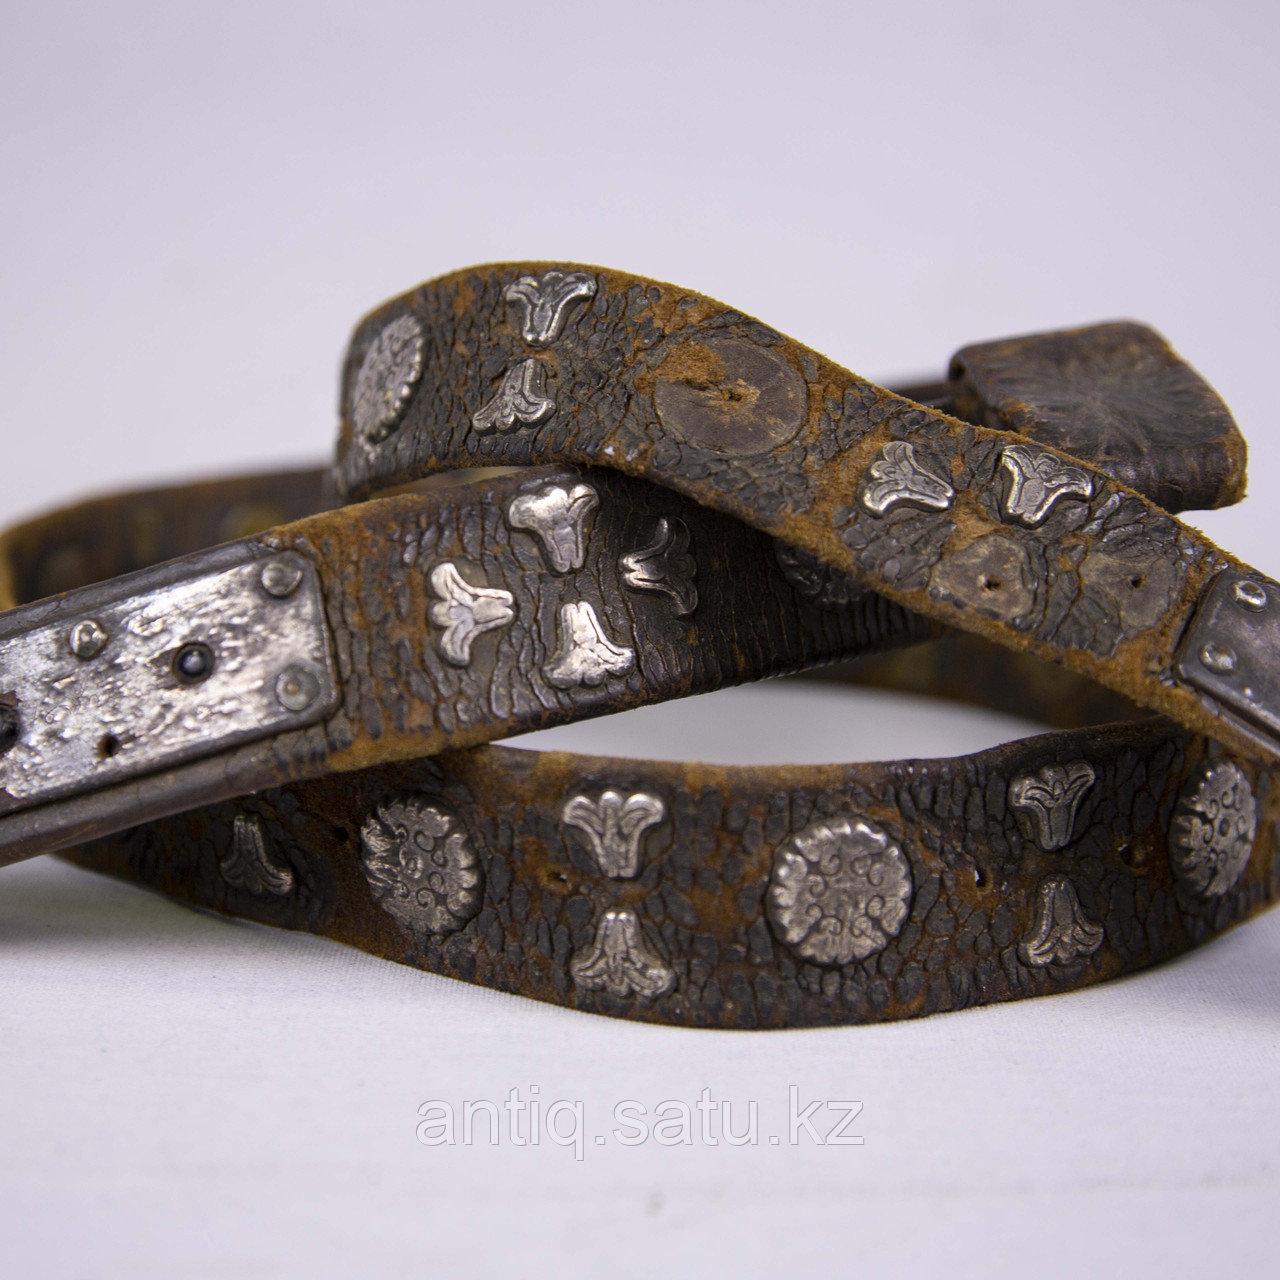 Кисе-белдик национальный Казахский охотничий пояс. Кожа, шитье, металл, ковка, серебро, насечка серебро - фото 7